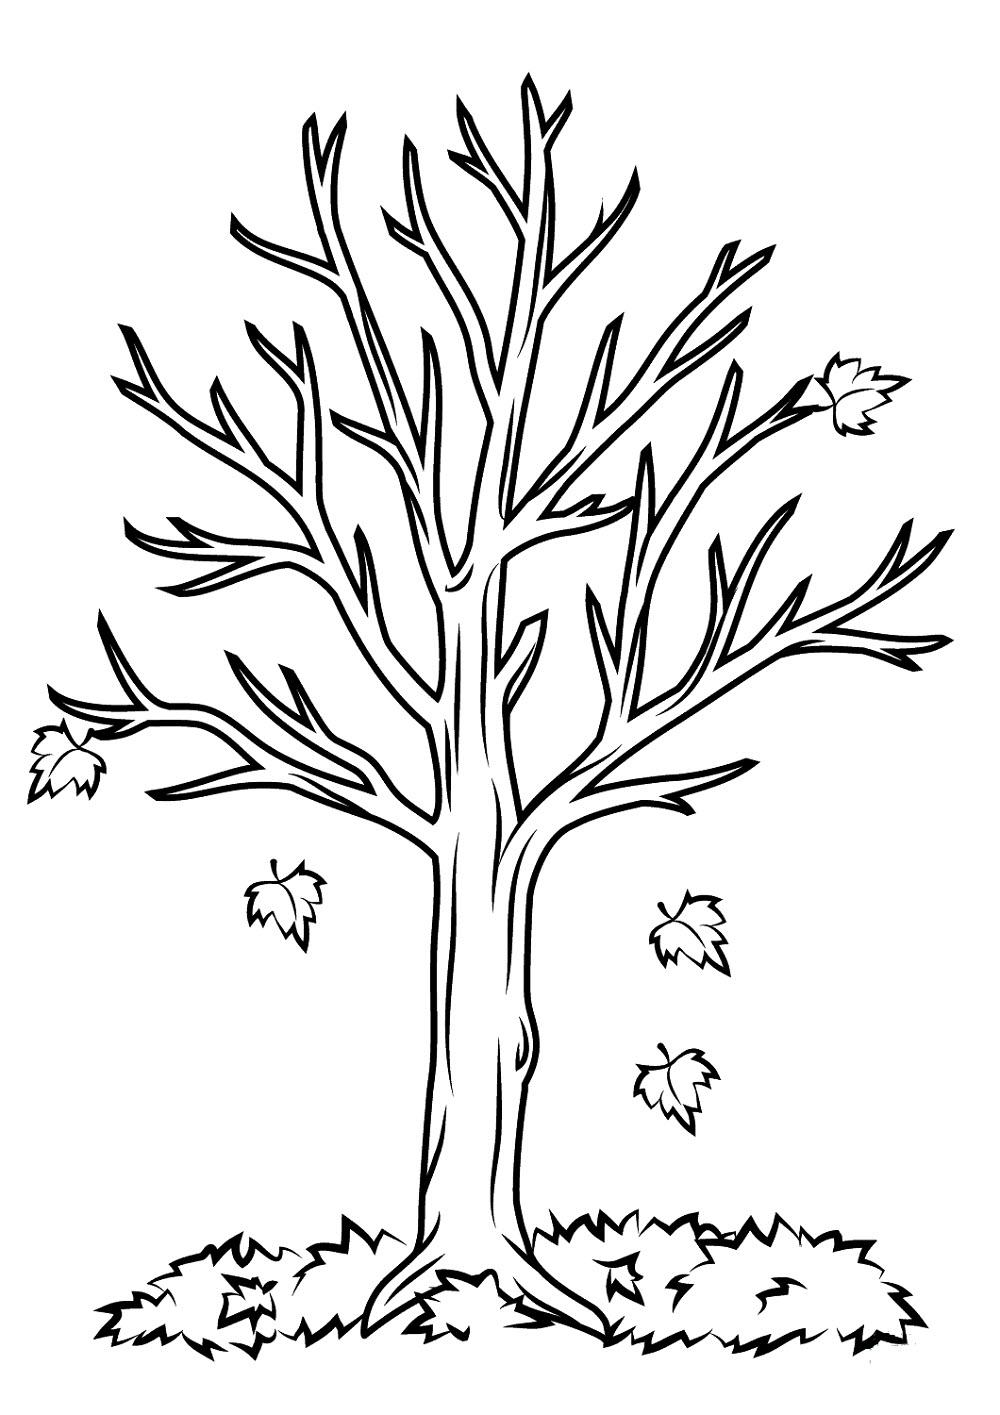 Картинка дерева раскрасить